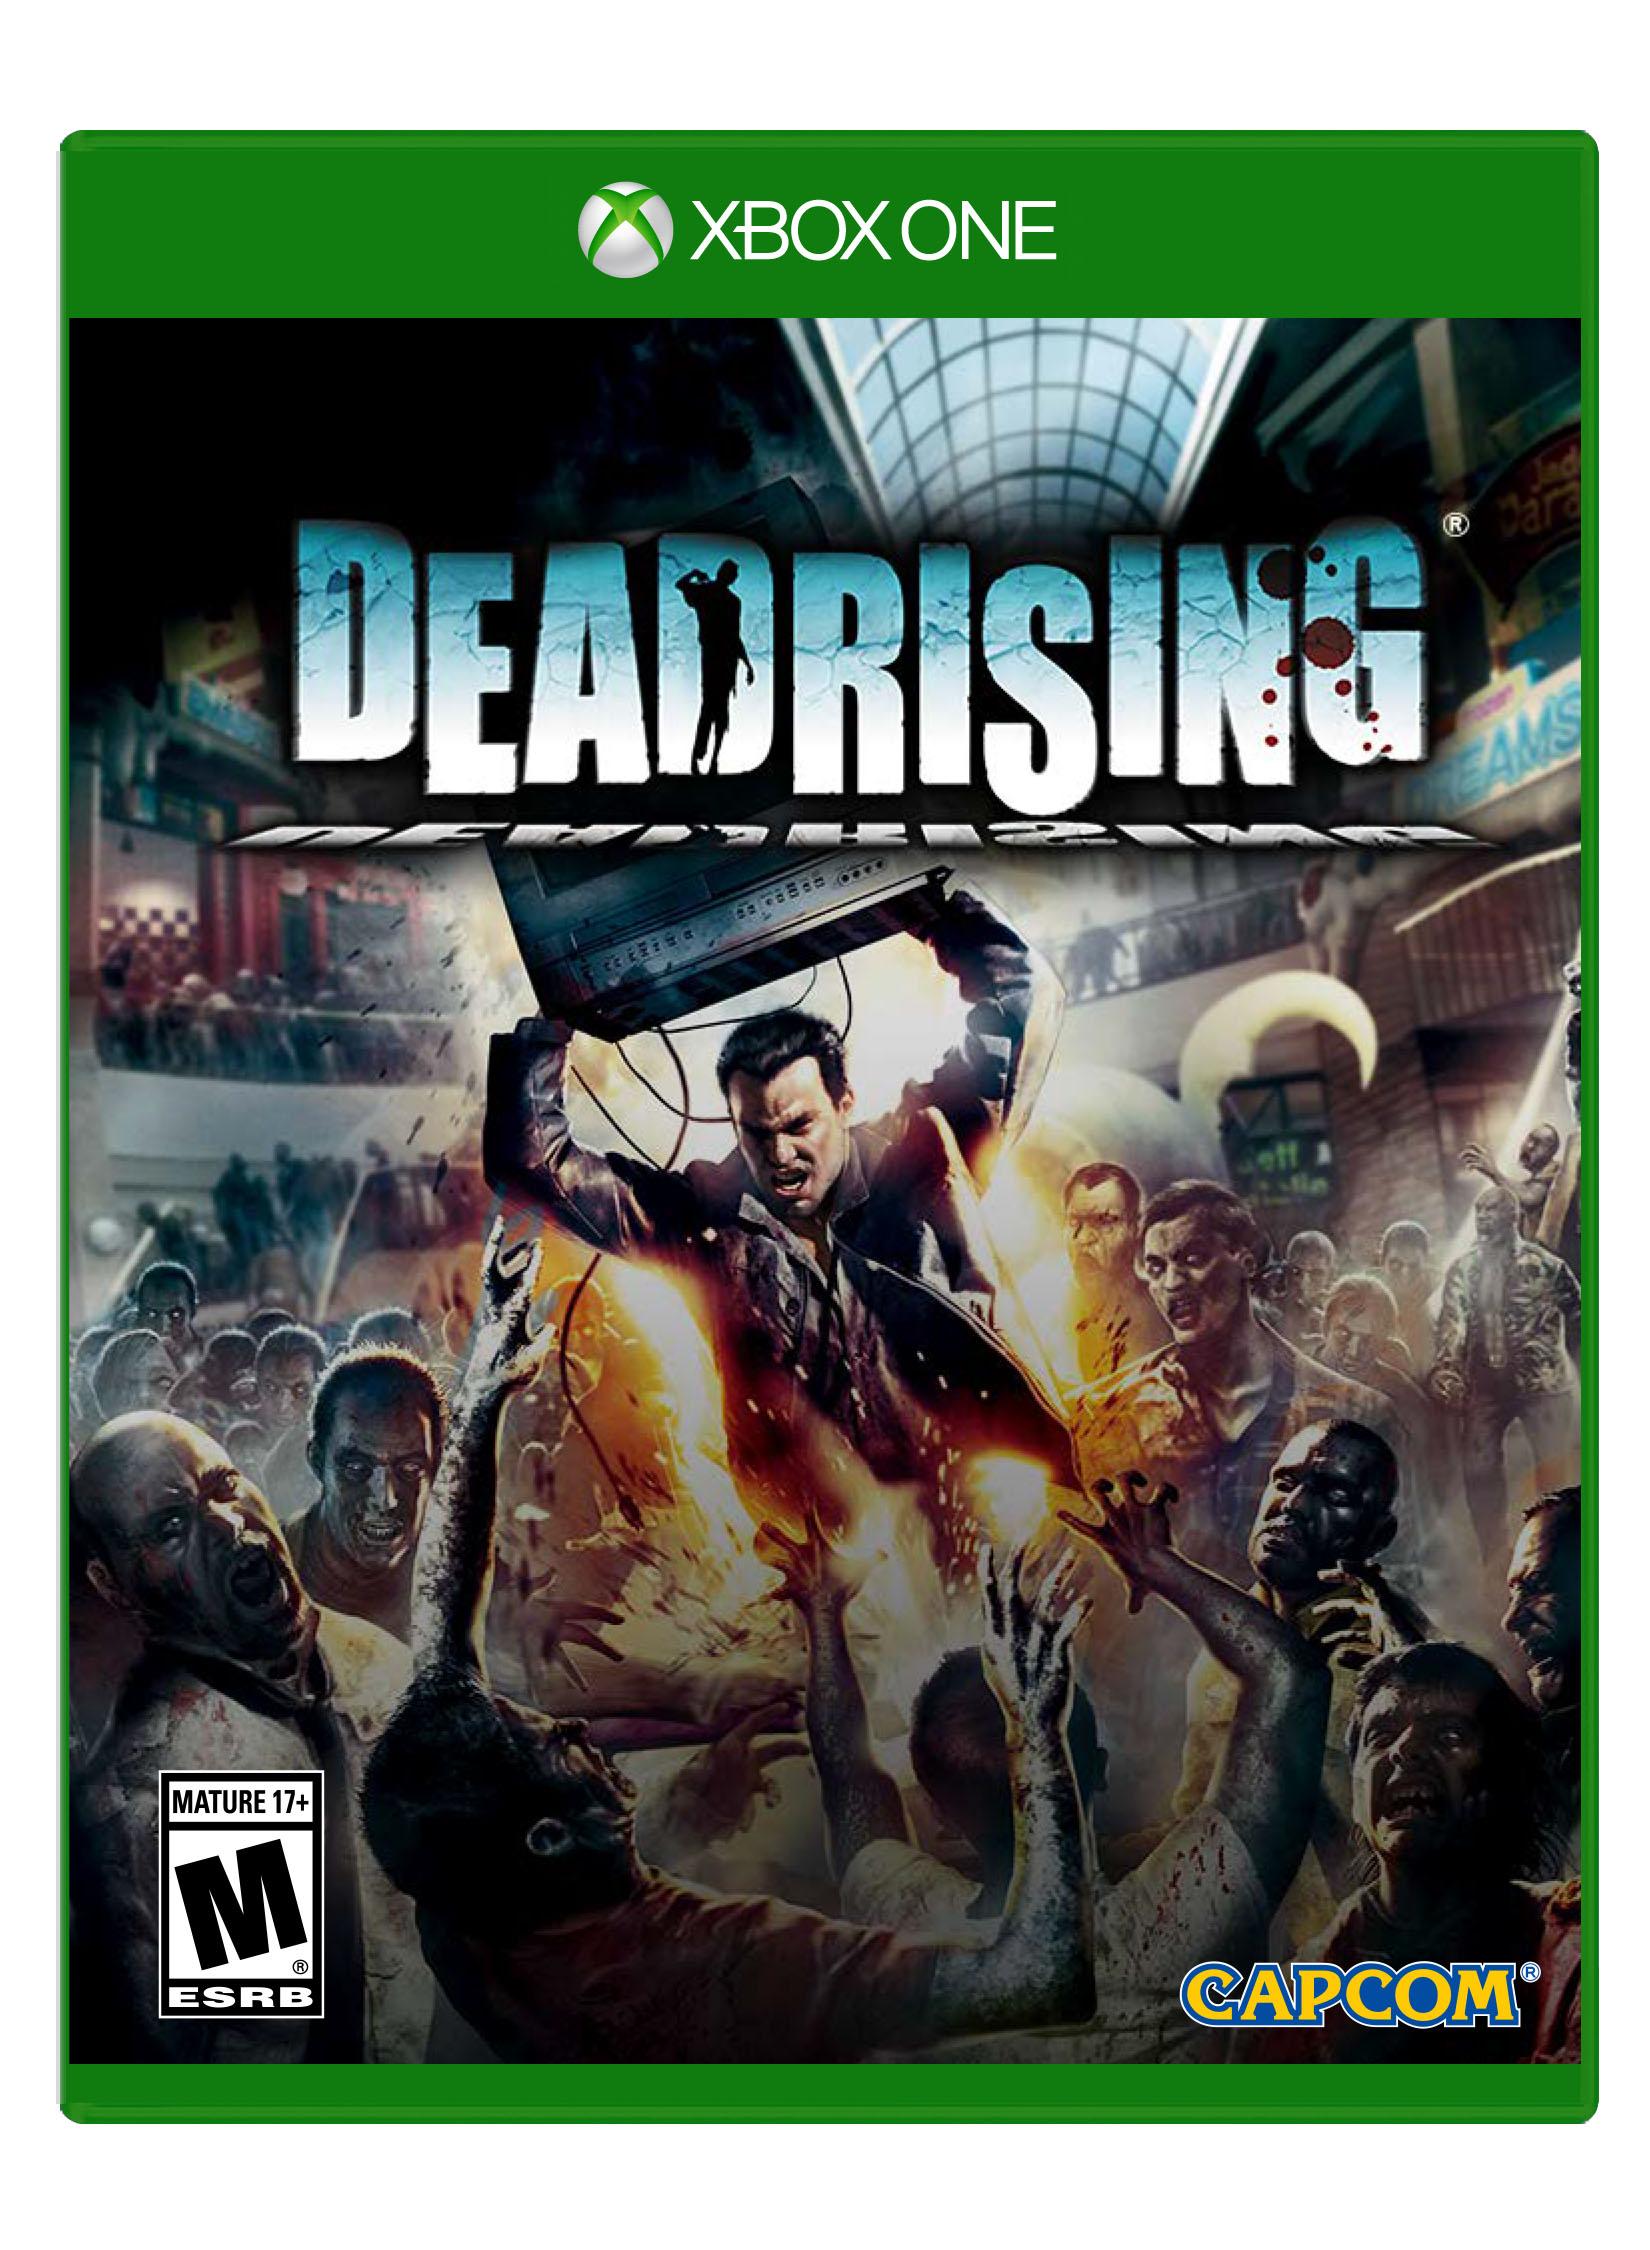 預購中 9月13日發售 亞洲英文版 [限制級] XBOX ONE 死亡復甦